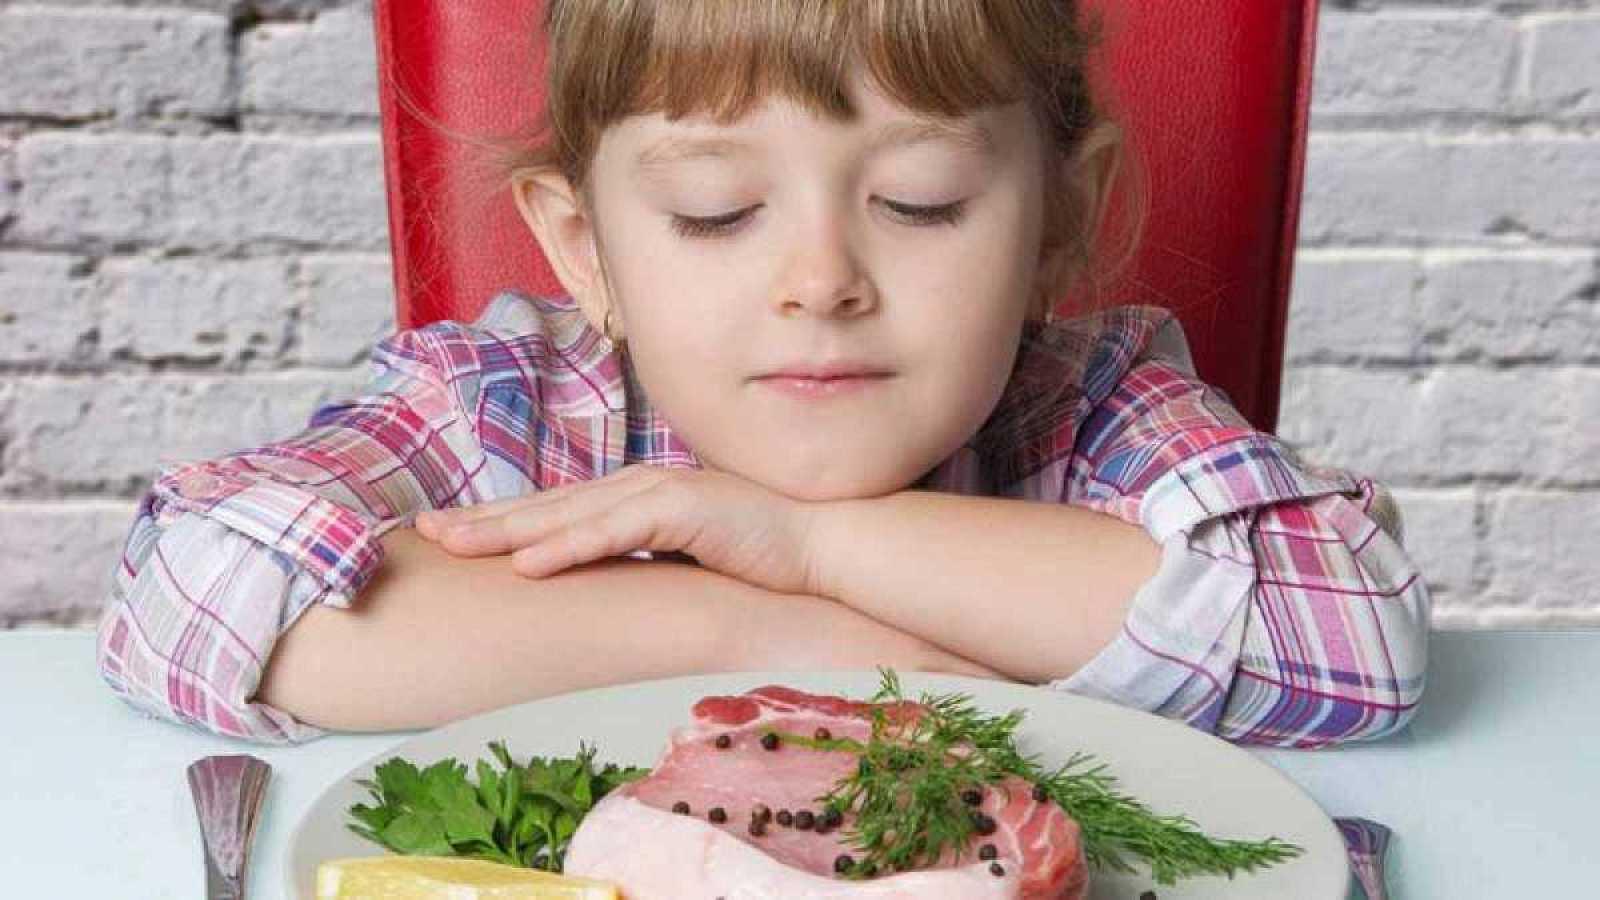 Què hem de fer quan el nostre fill no menja?